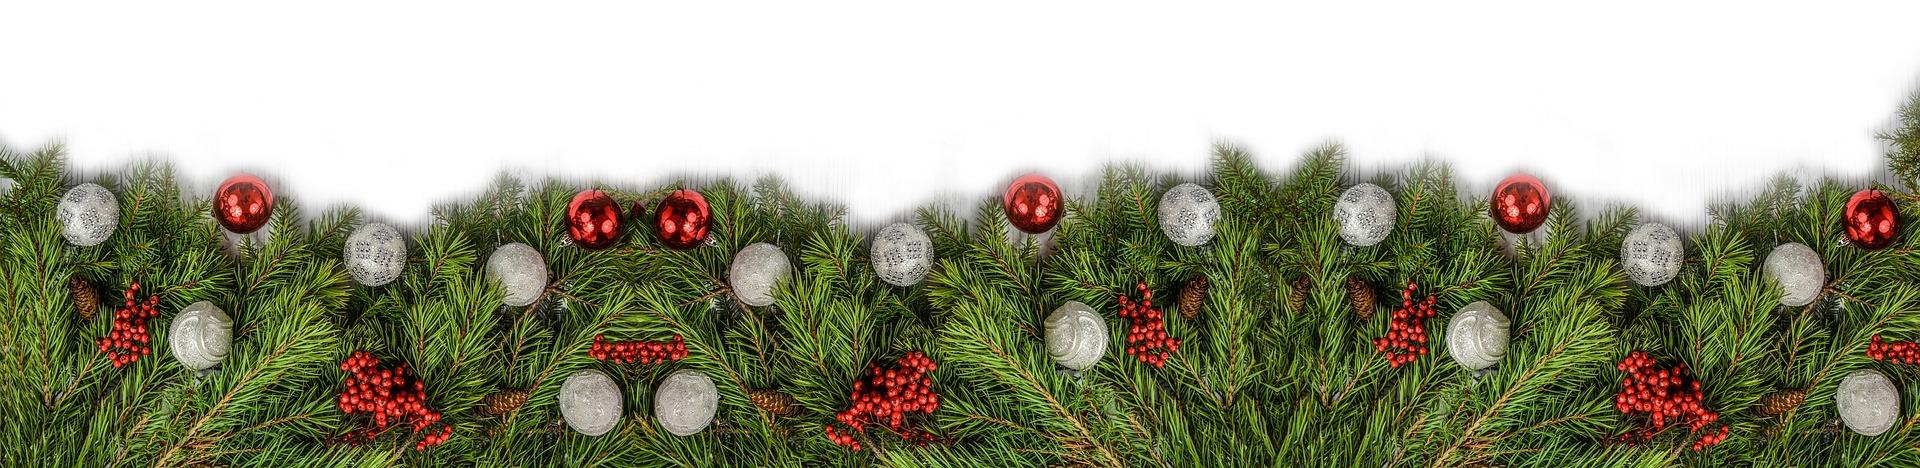 Das Bild zeigt als unteren Abschluss des Beitrags dekorative Tannenzweige und rote Weihnachtskugeln, von links nach rechts